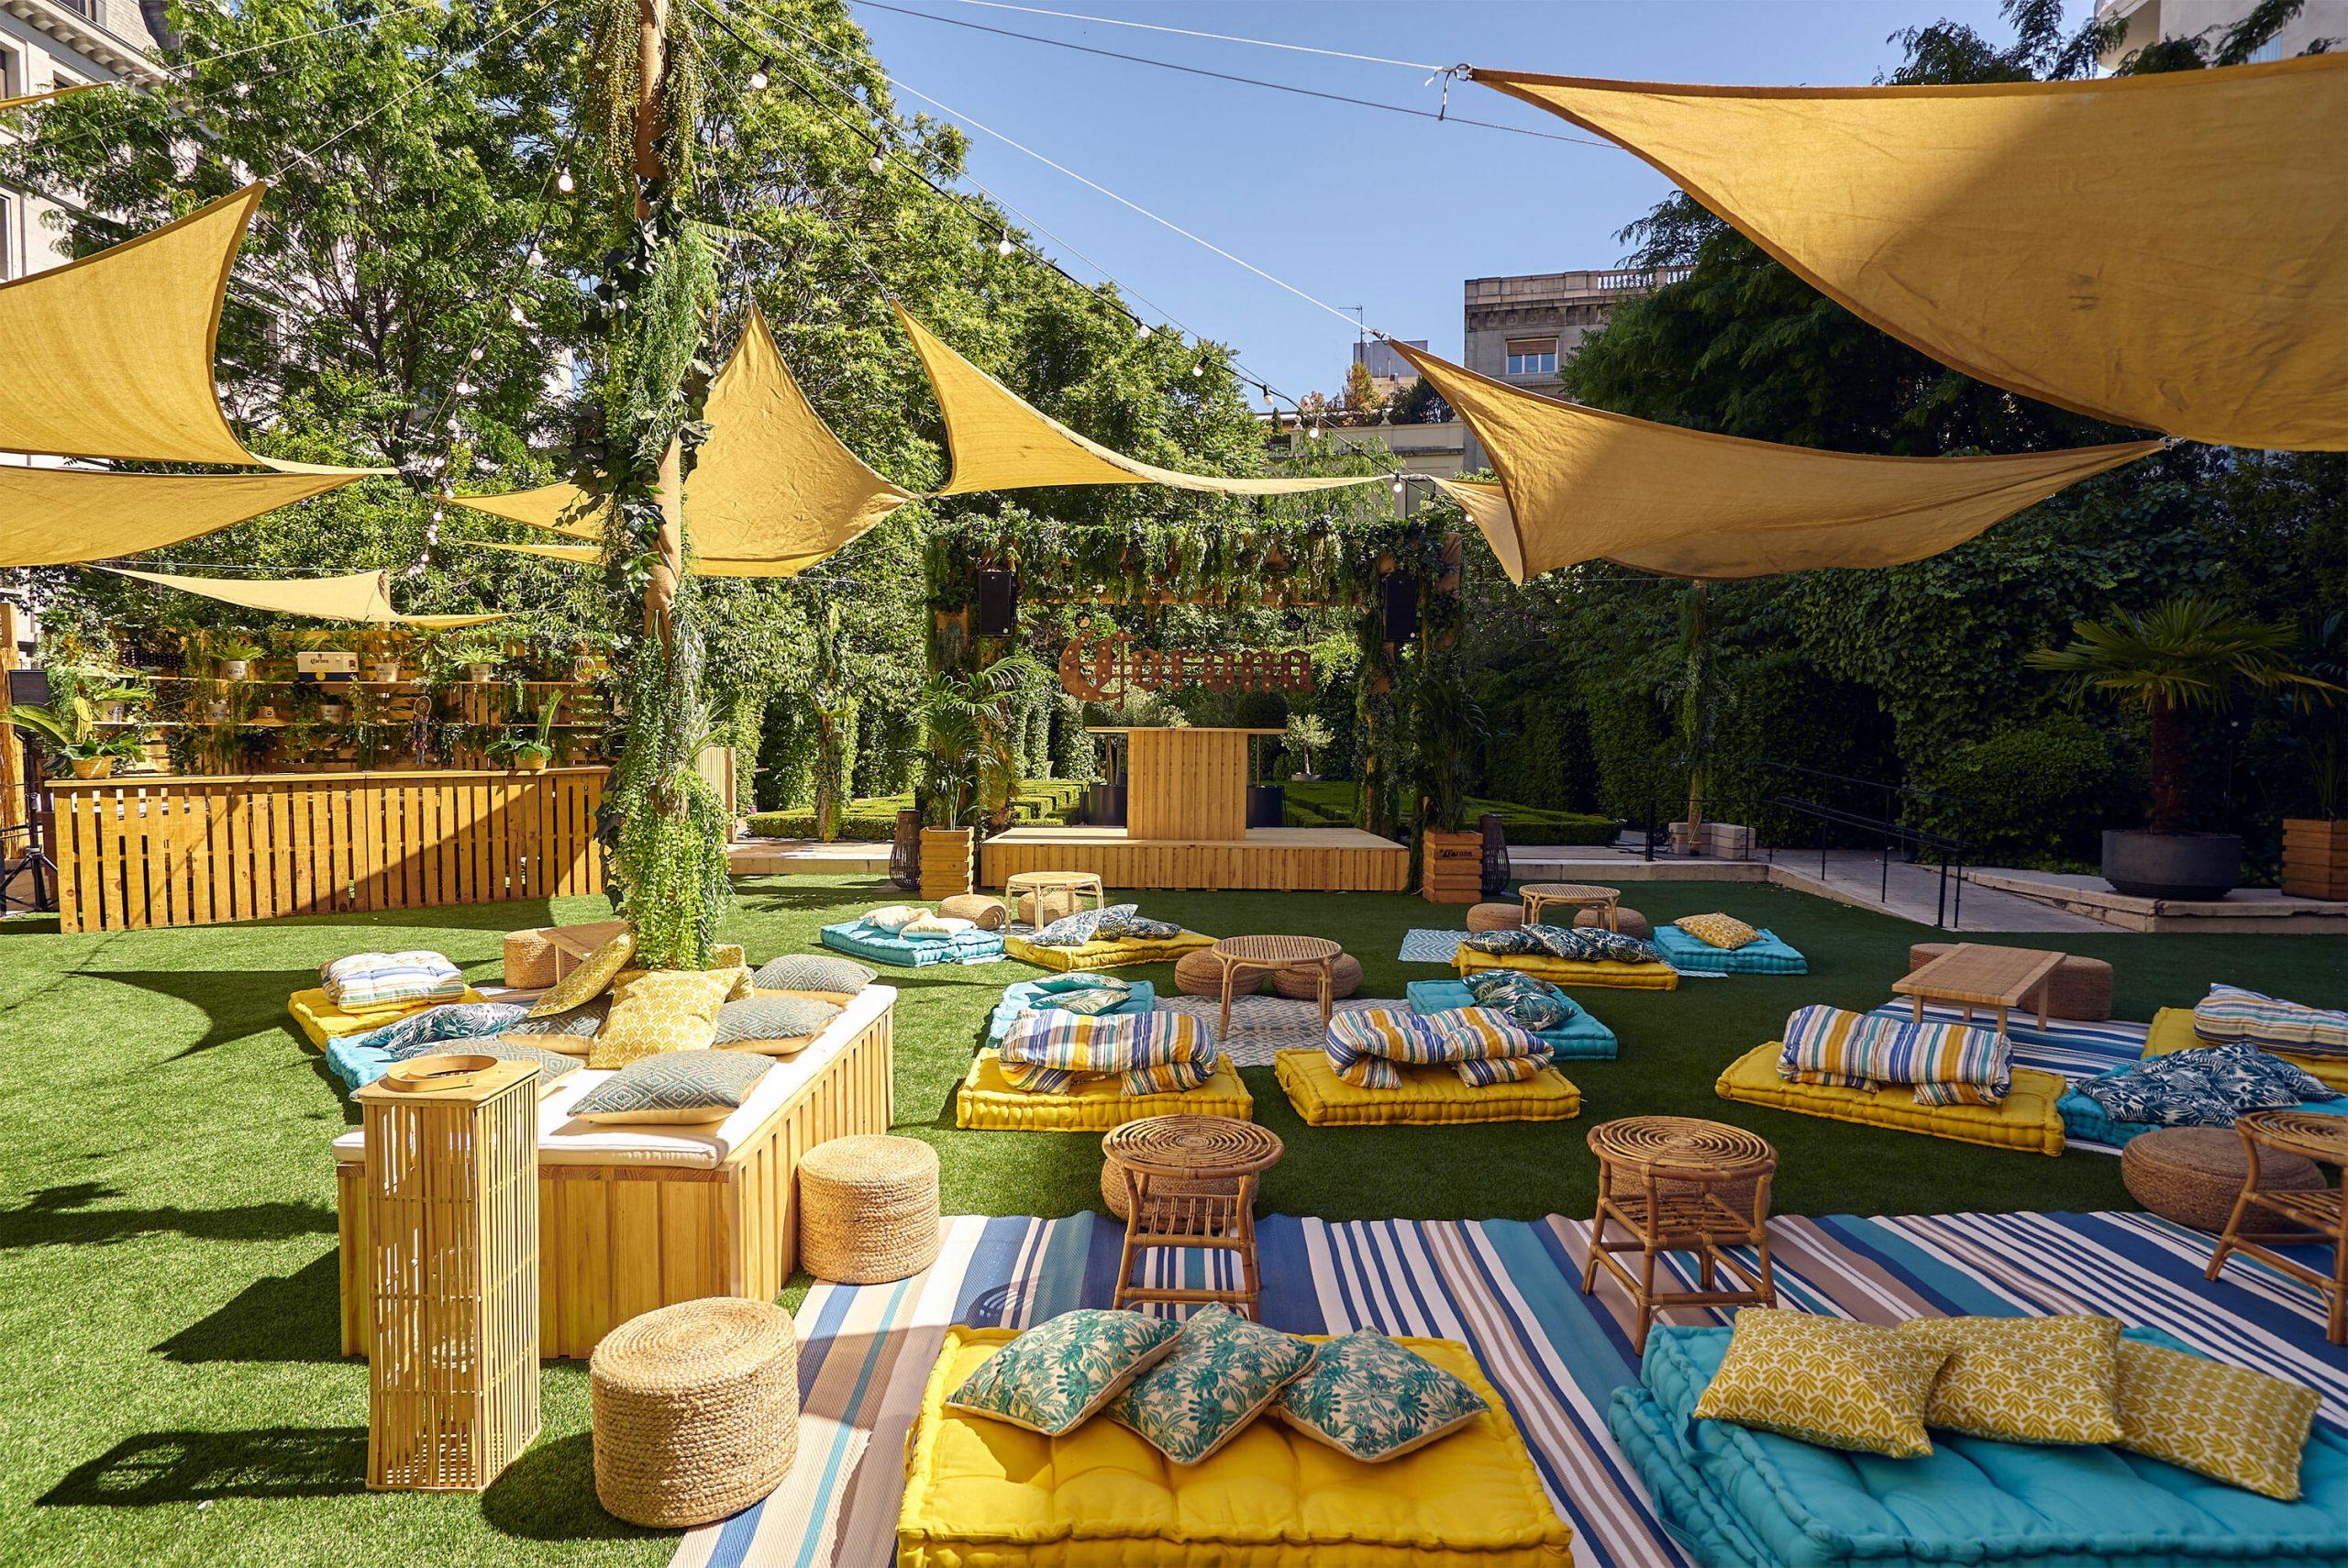 casa-corona-2019-vuelve-el-mejor-oasis-urbano-de-madrid.